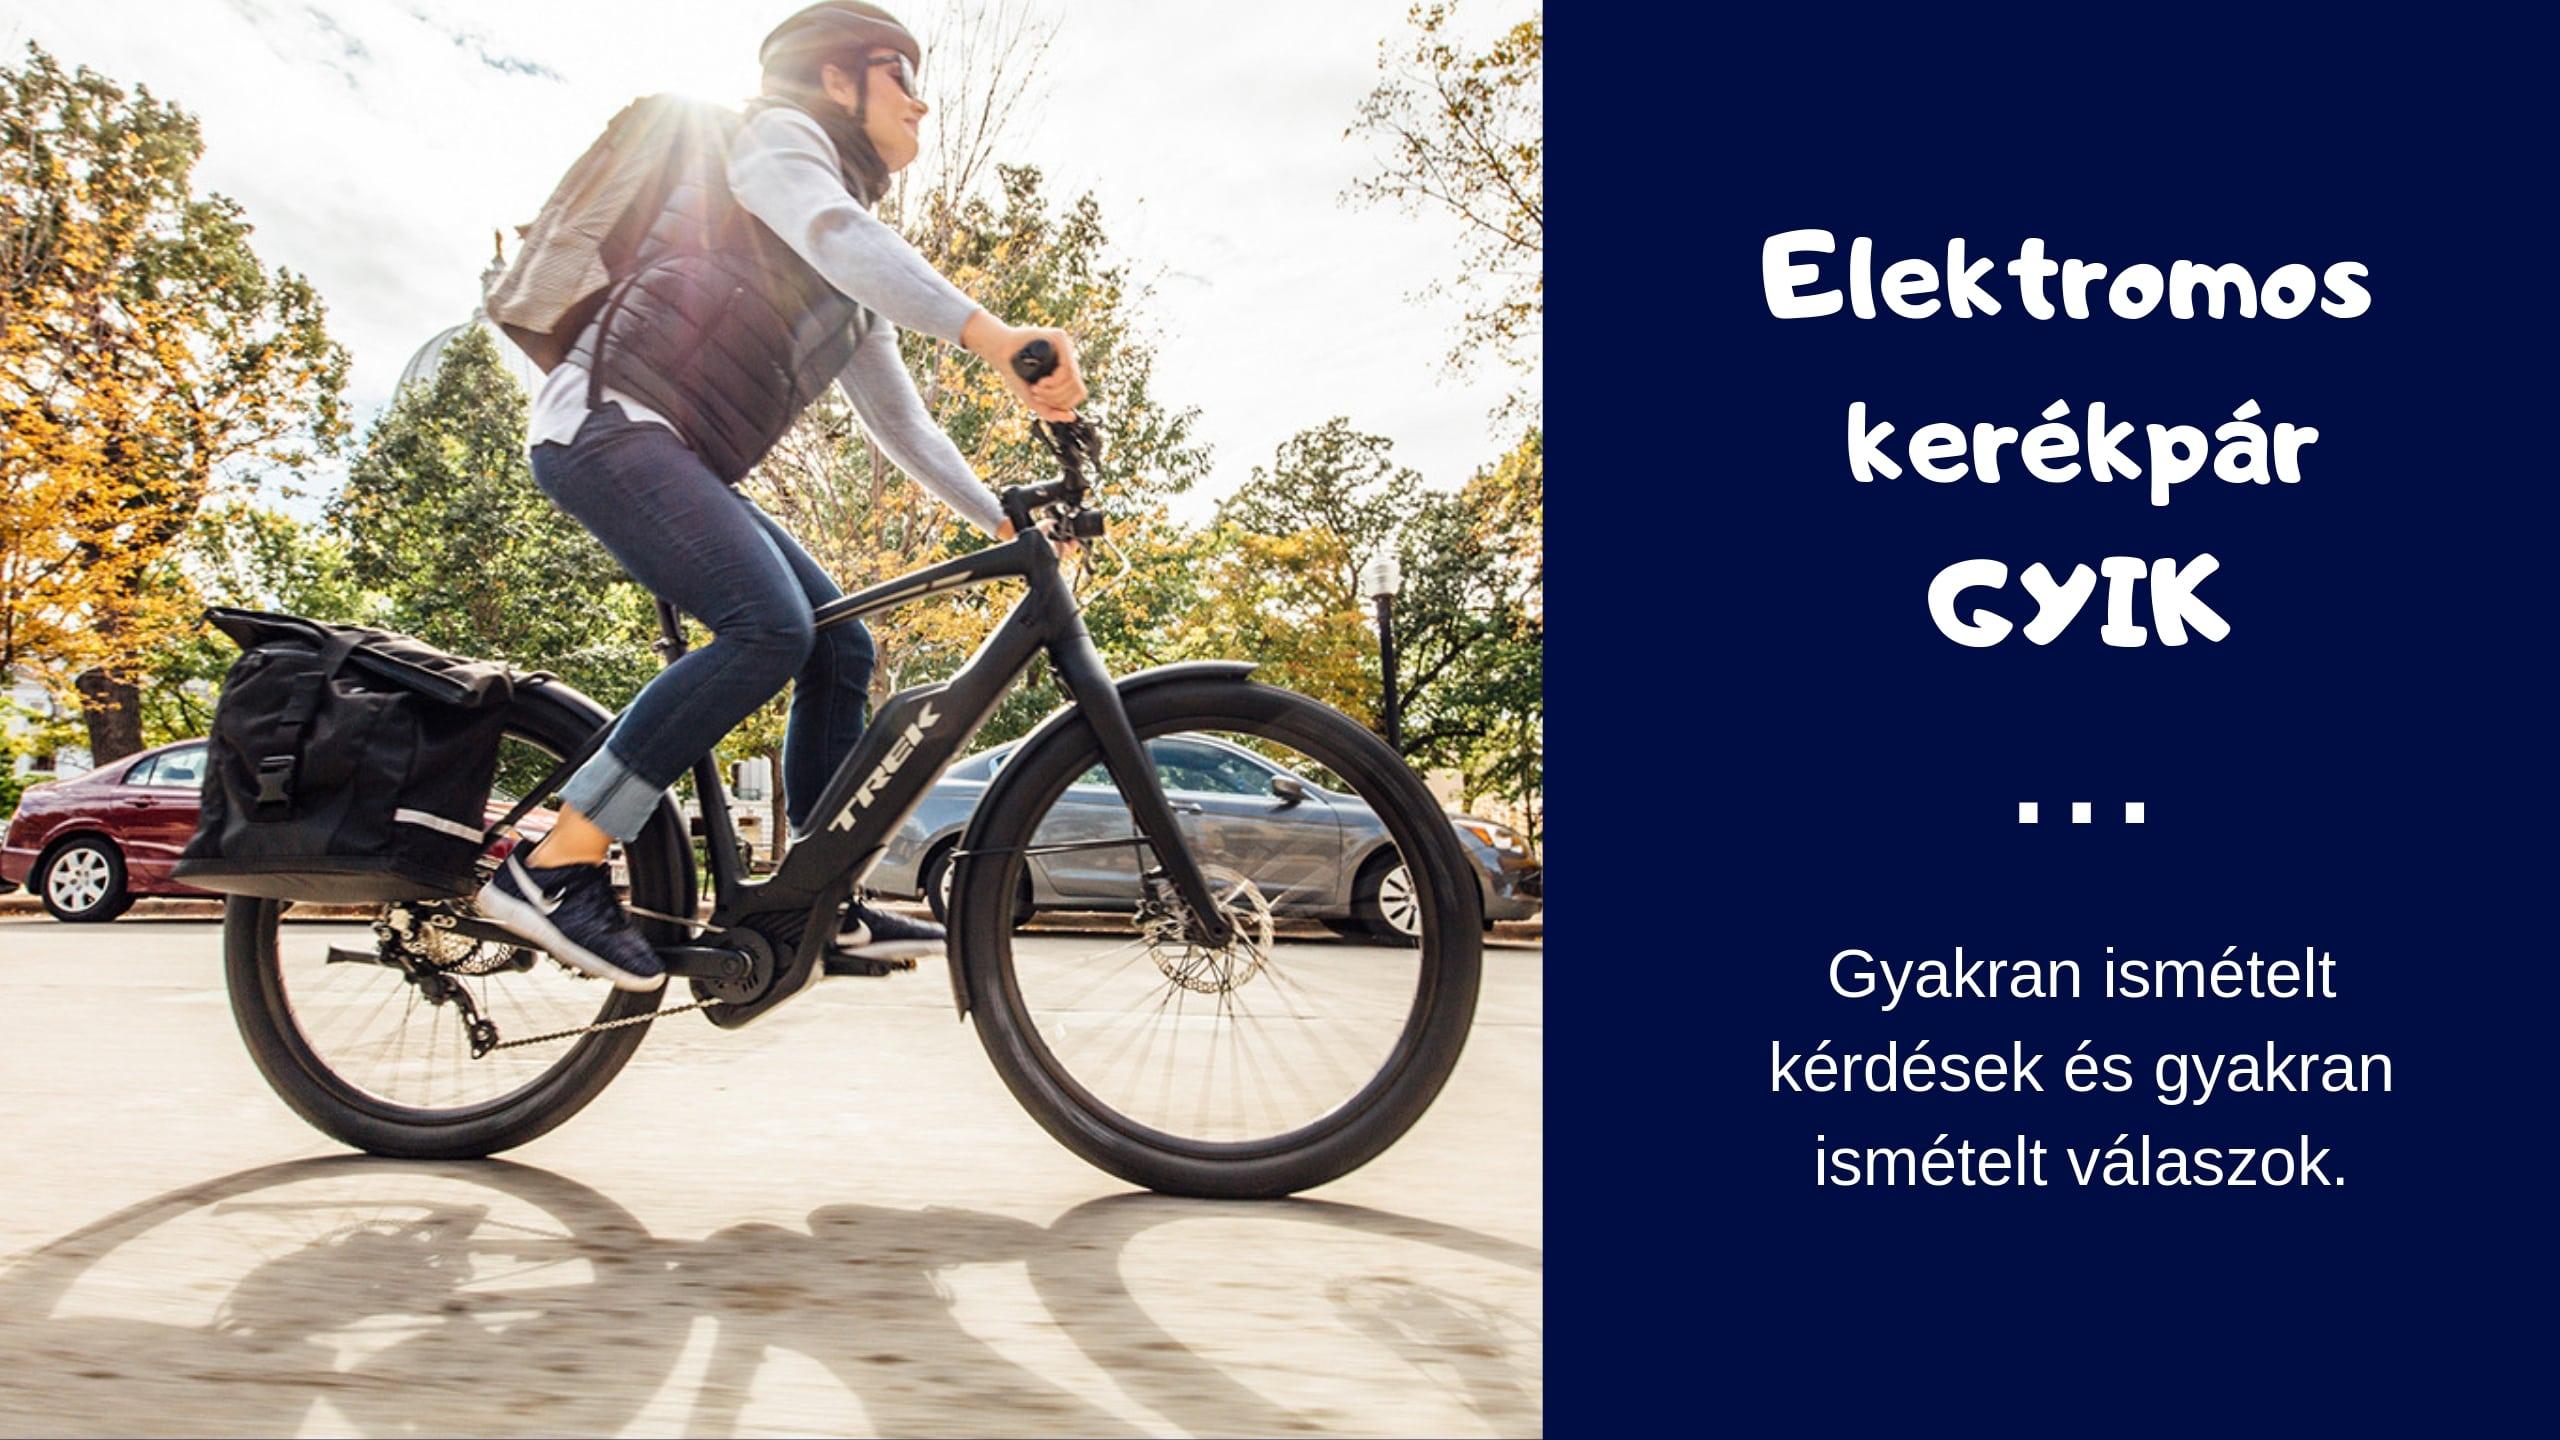 elektromos kerékpár gyakori kérdések